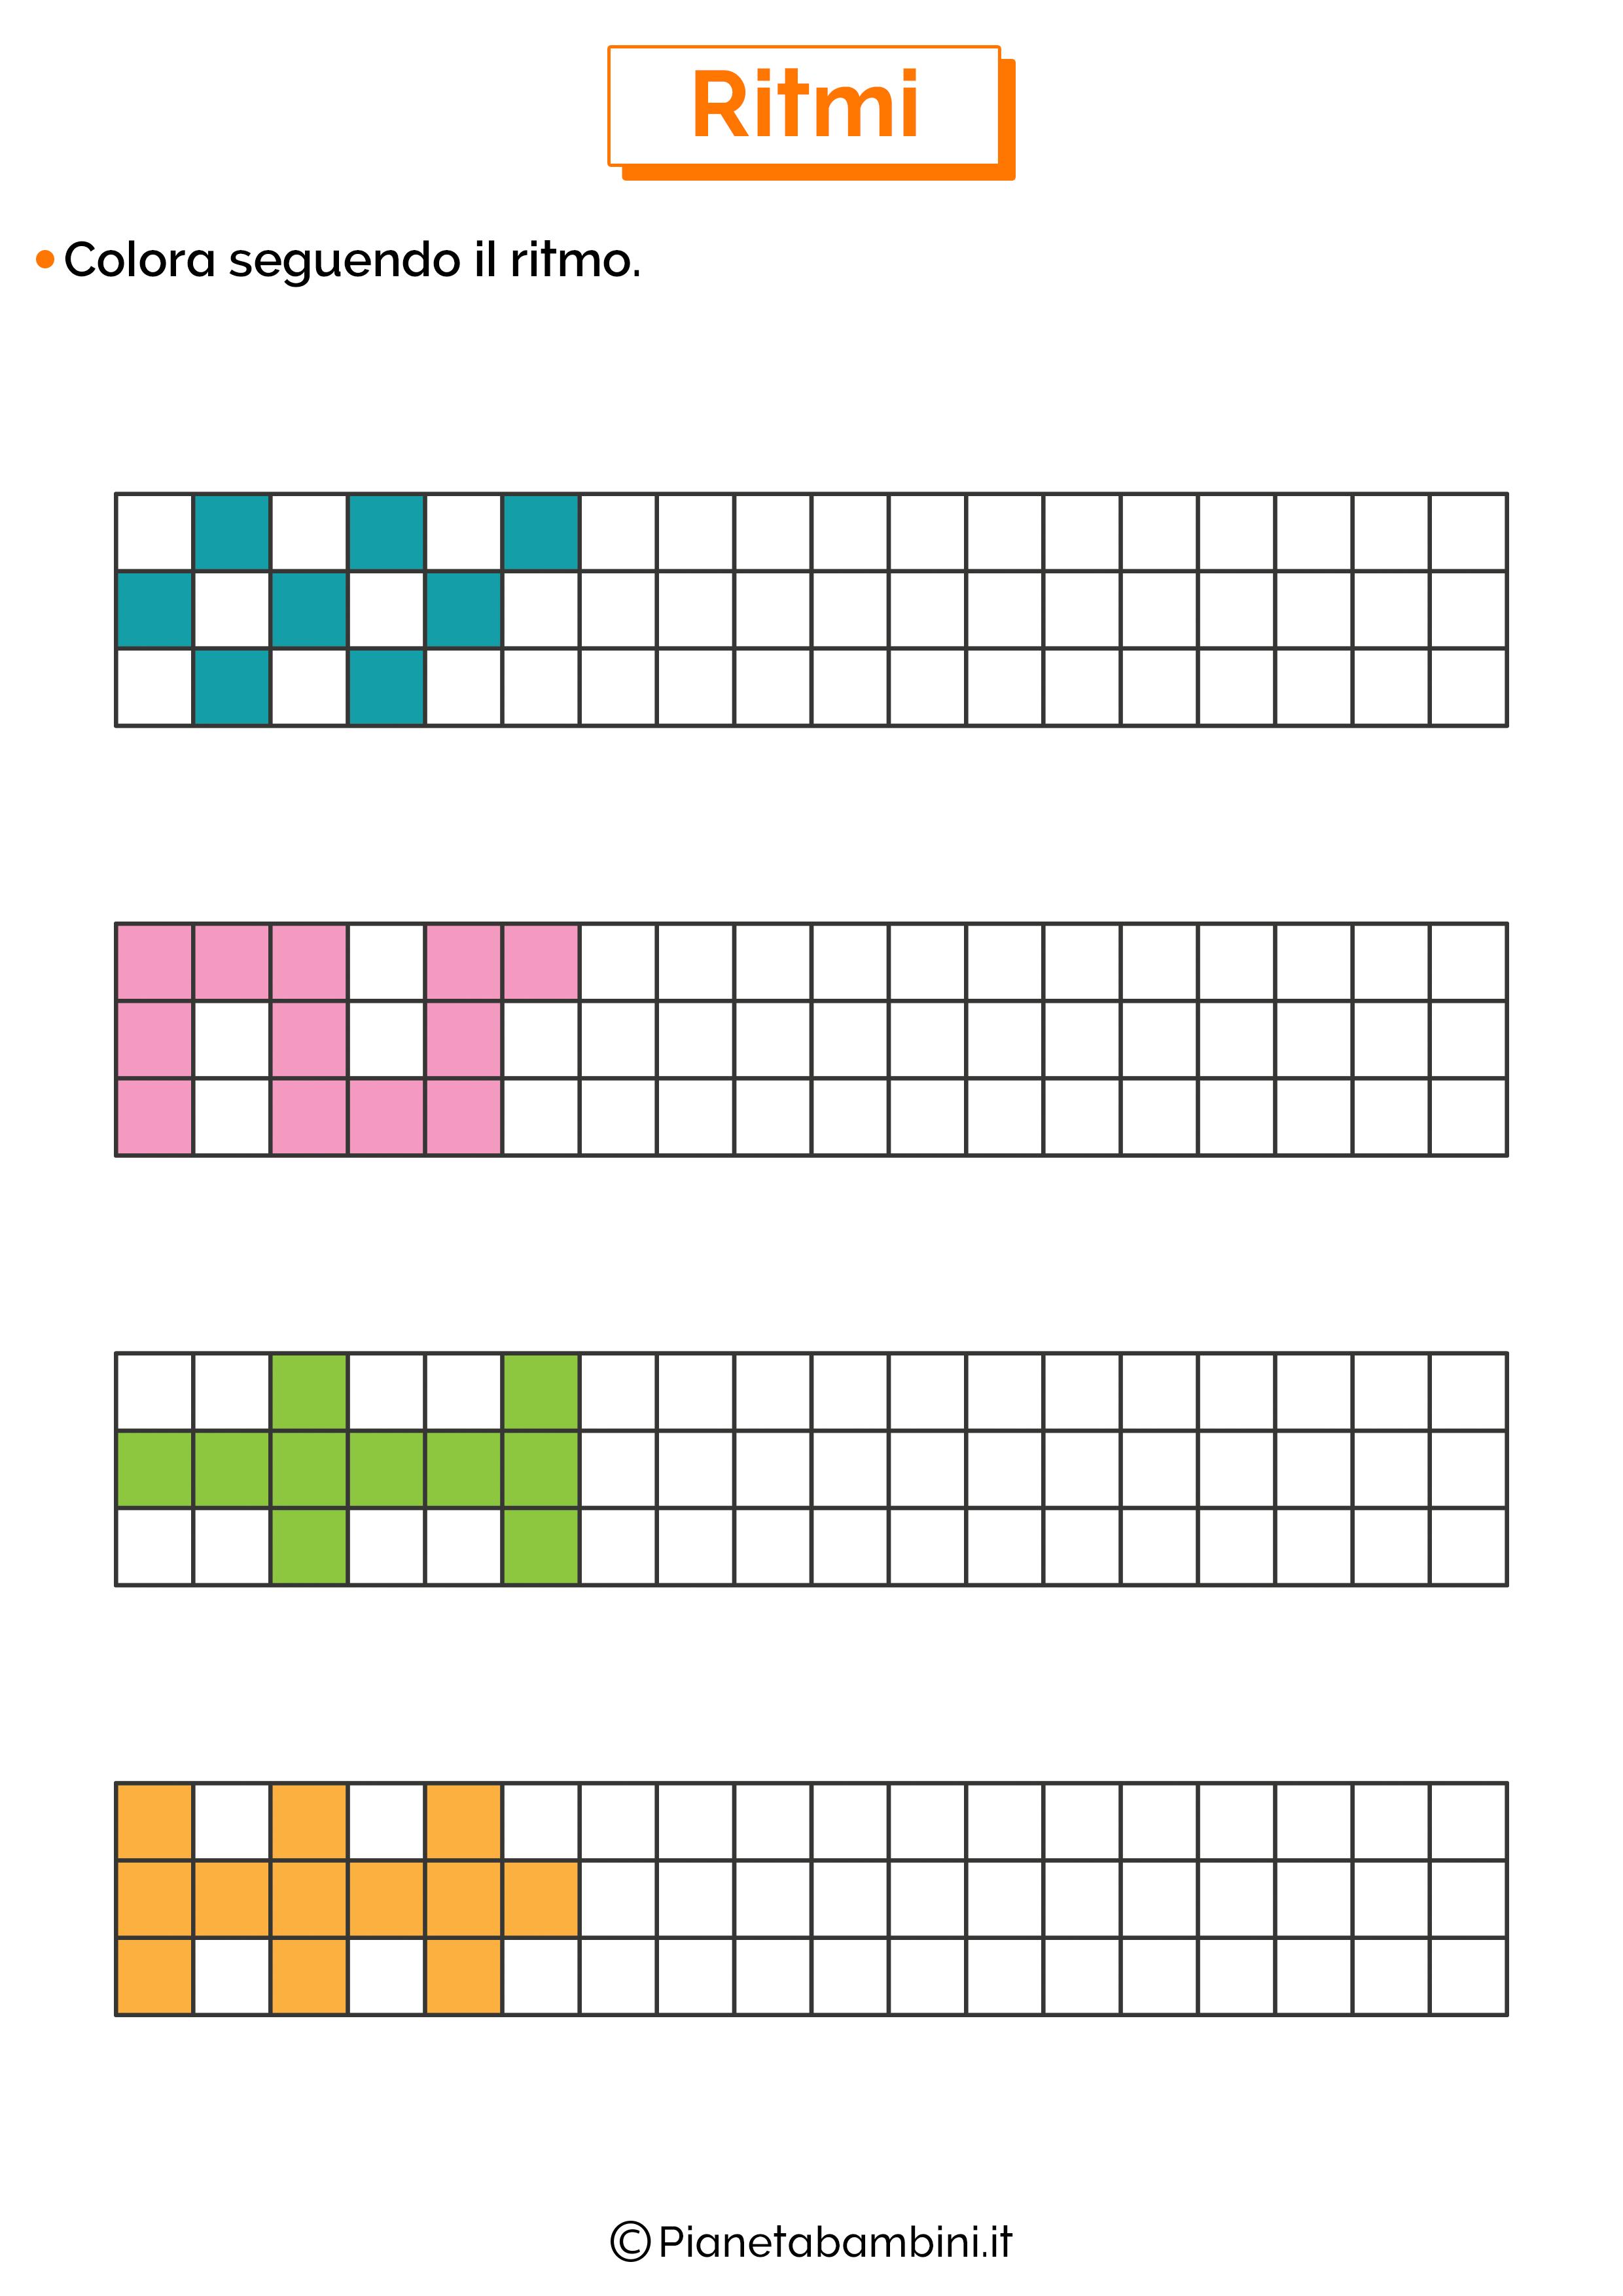 Esercizi sui ritmi da colorare 1